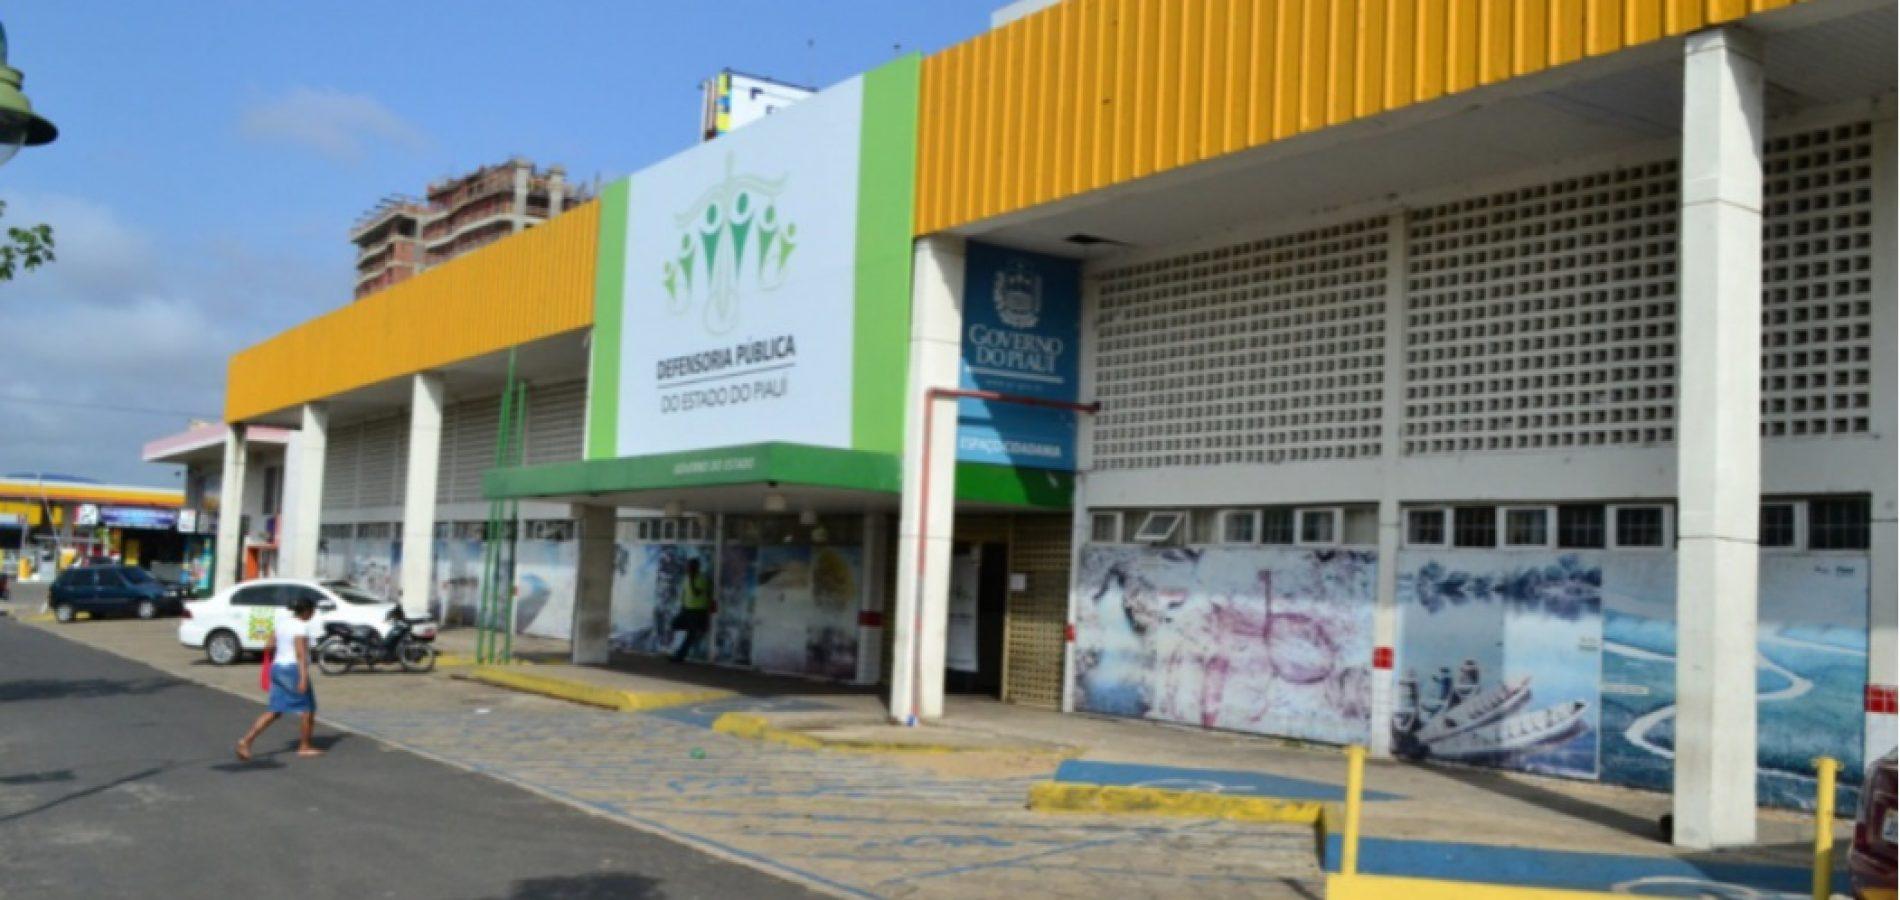 Defensoria Pública do Piauí ingressa com 180 petições relativas a violência doméstica